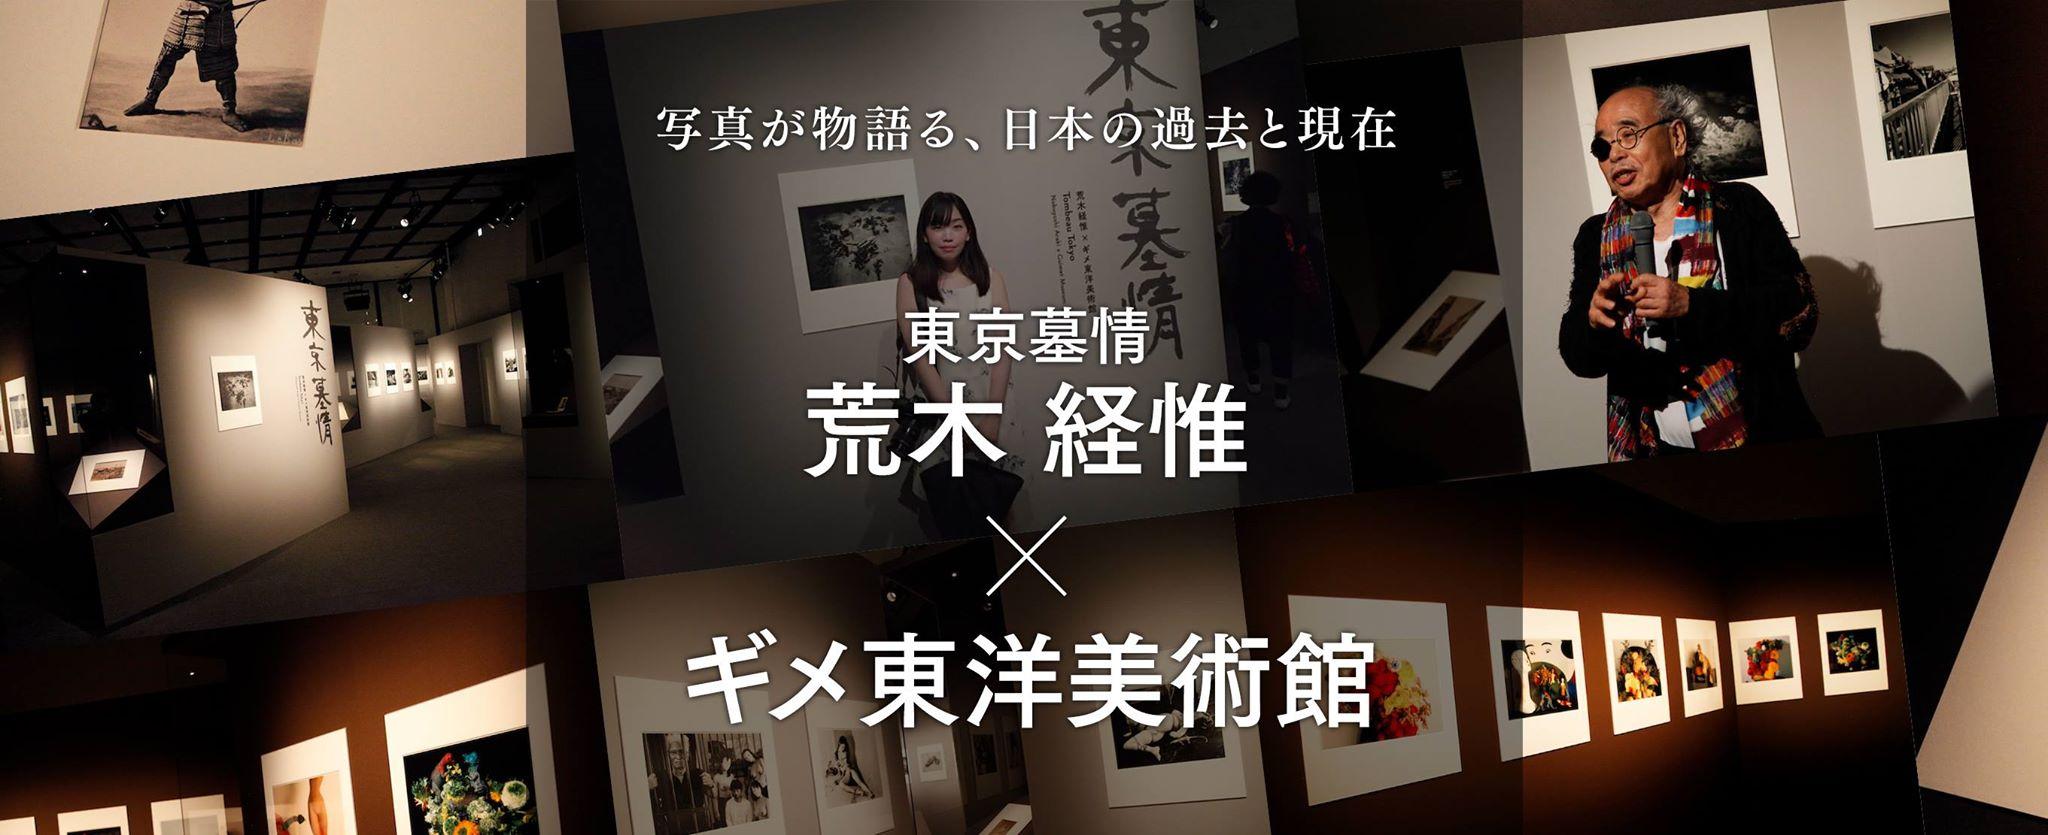 写真が物語る、日本の過去と現在「東京墓情 荒木経惟×ギメ東洋美術館」